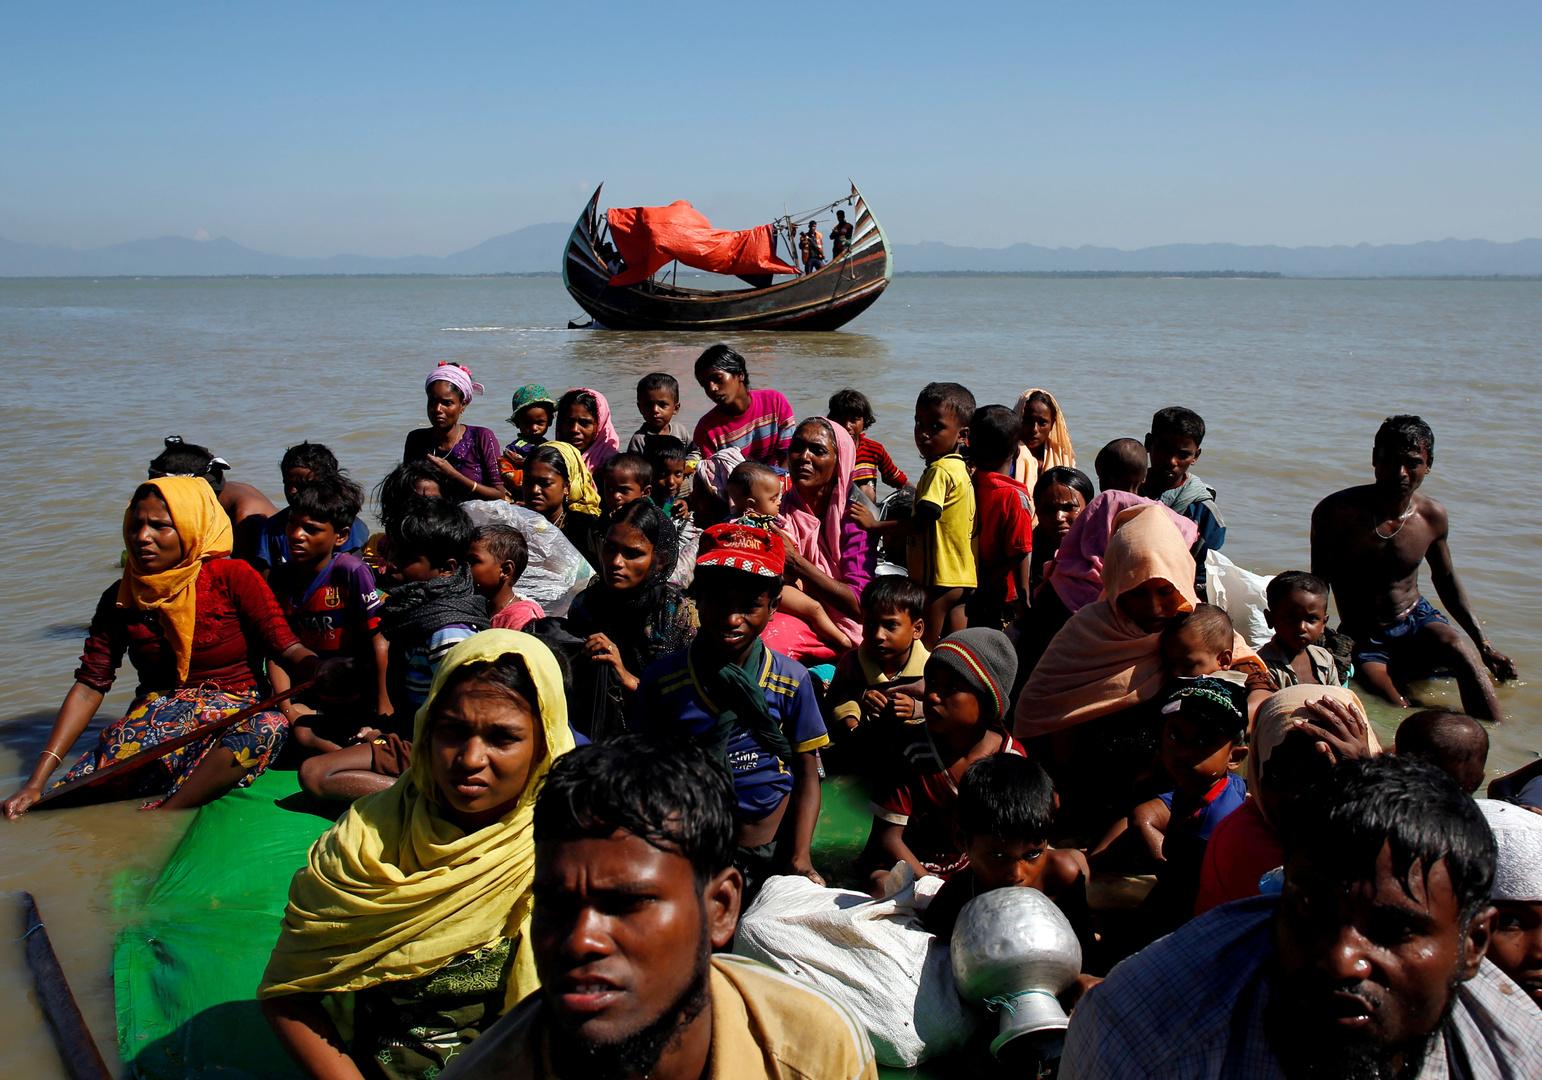 لاجئون من الروهينغا يصلون على متن قارب إلى الهند